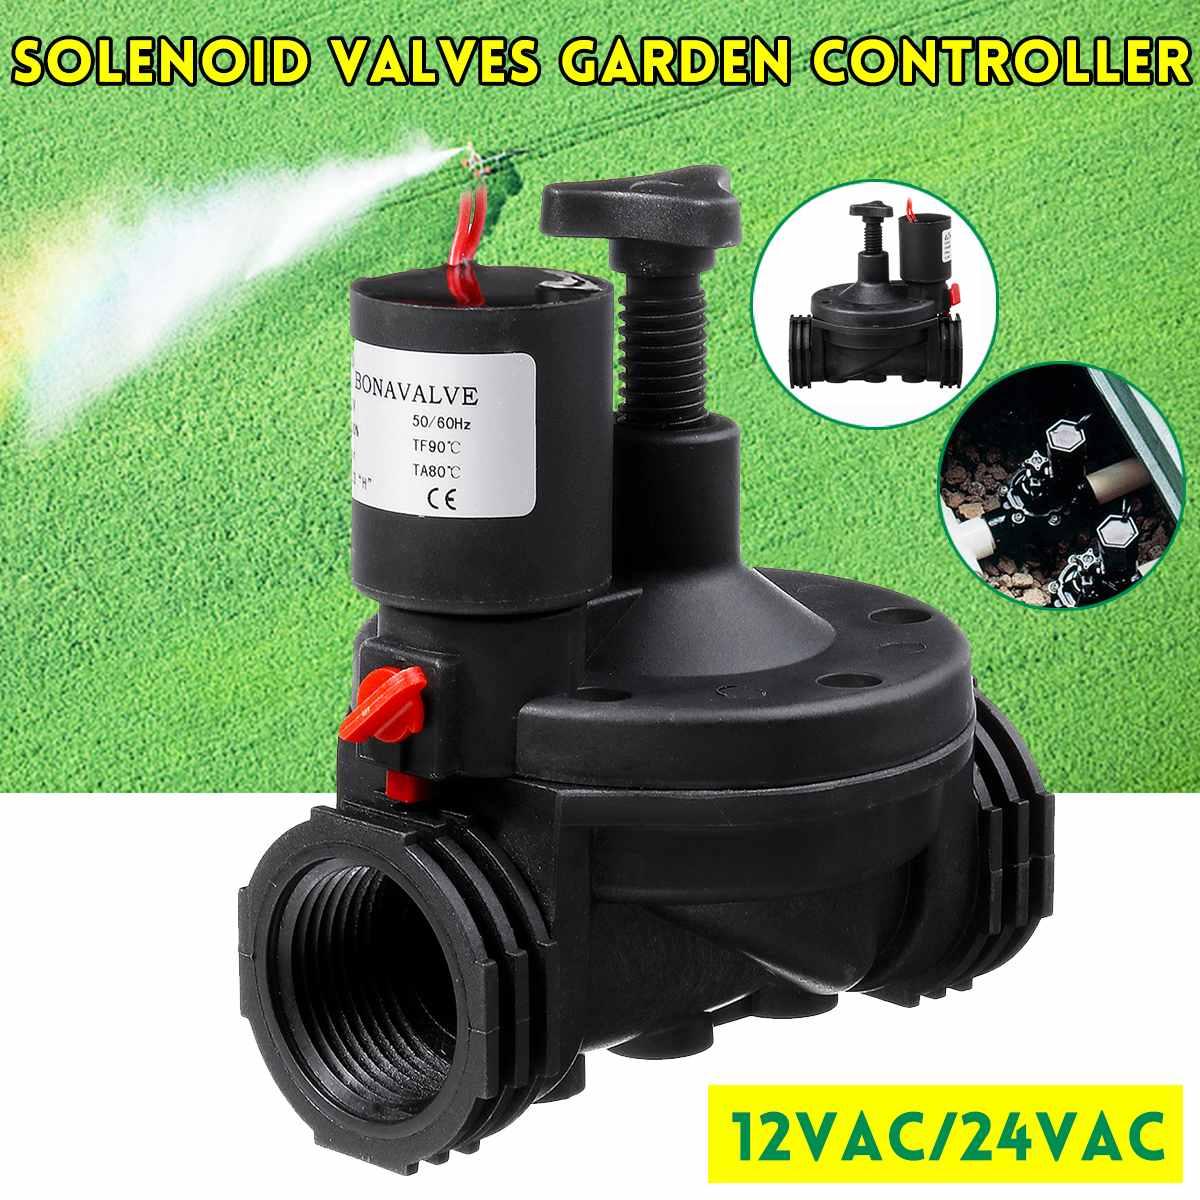 Newest 1'' Industrial Irrigation Valve 12V/24V AC Solenoid Valves Garden Controller  for Garden Yard Garden Water Timers|Garden Water Timers| |  - title=